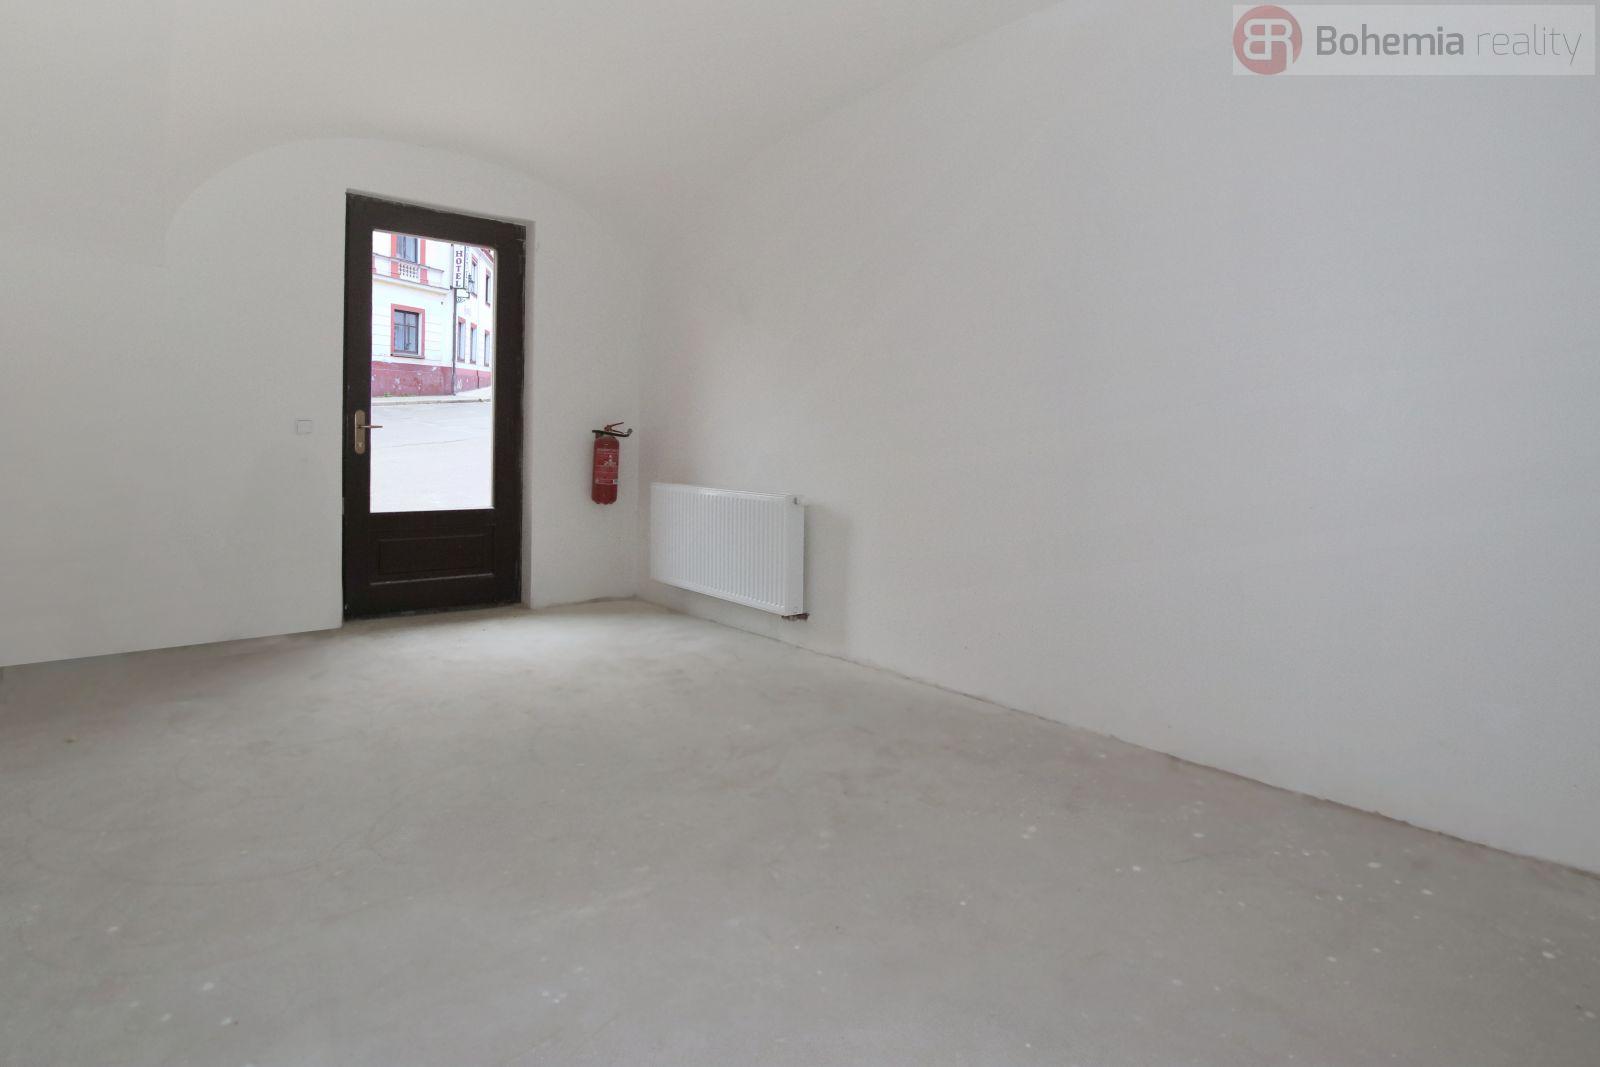 Pronájem nebytového prostoru, přízemí, 31 m2, Brandýs nad Labem